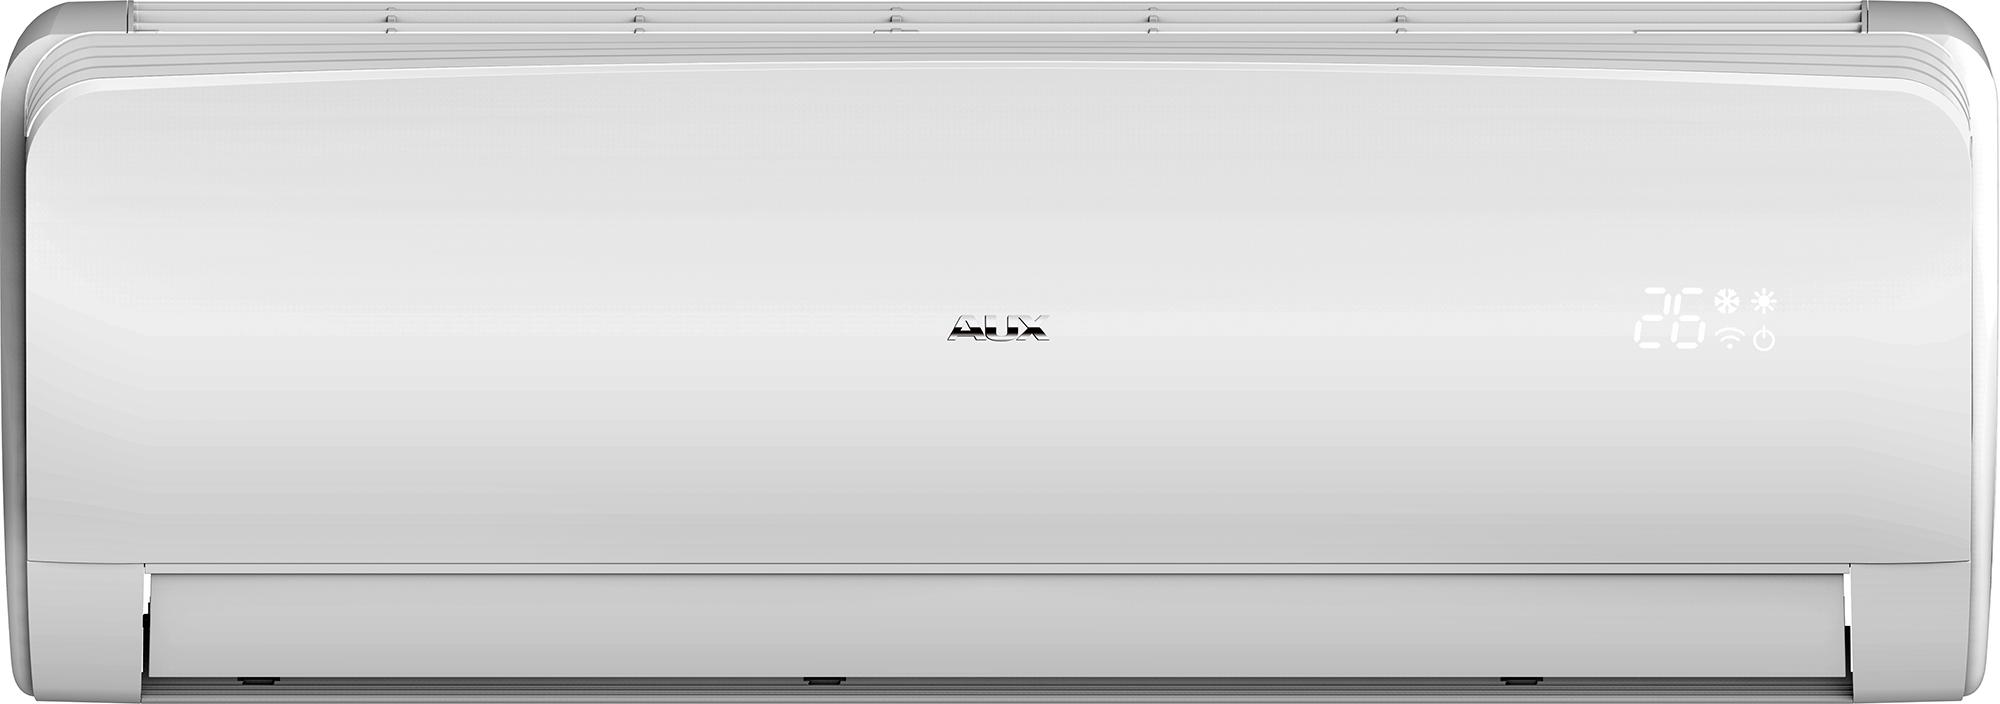 Кондиционер настенный AUX ASW-H12B4/UDR1DI